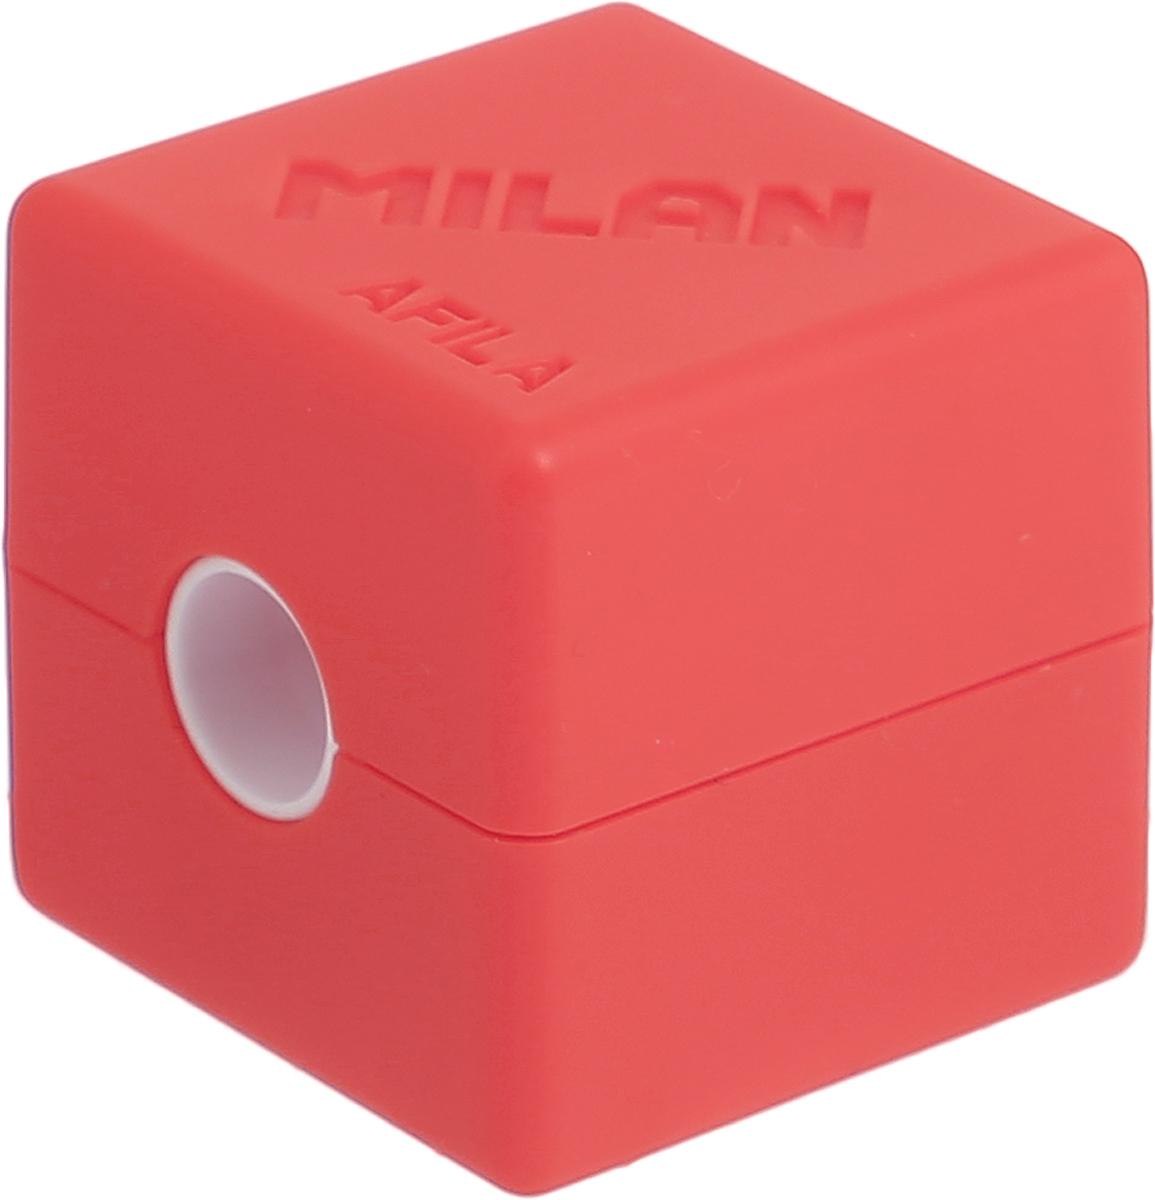 Milan Точилка Cubic с контейнером цвет оранжевый20154216_оранжевыйКомпактная точилка Milan Cubic с контейнером оснащена безопасной системой заточки.Эта система предотвращает отделение лезвия от точилки. Идеально подходит для использования в школах. Стальное лезвие острое и устойчиво к повреждению. Идеально подходит для заточки графитовых и цветных карандашей